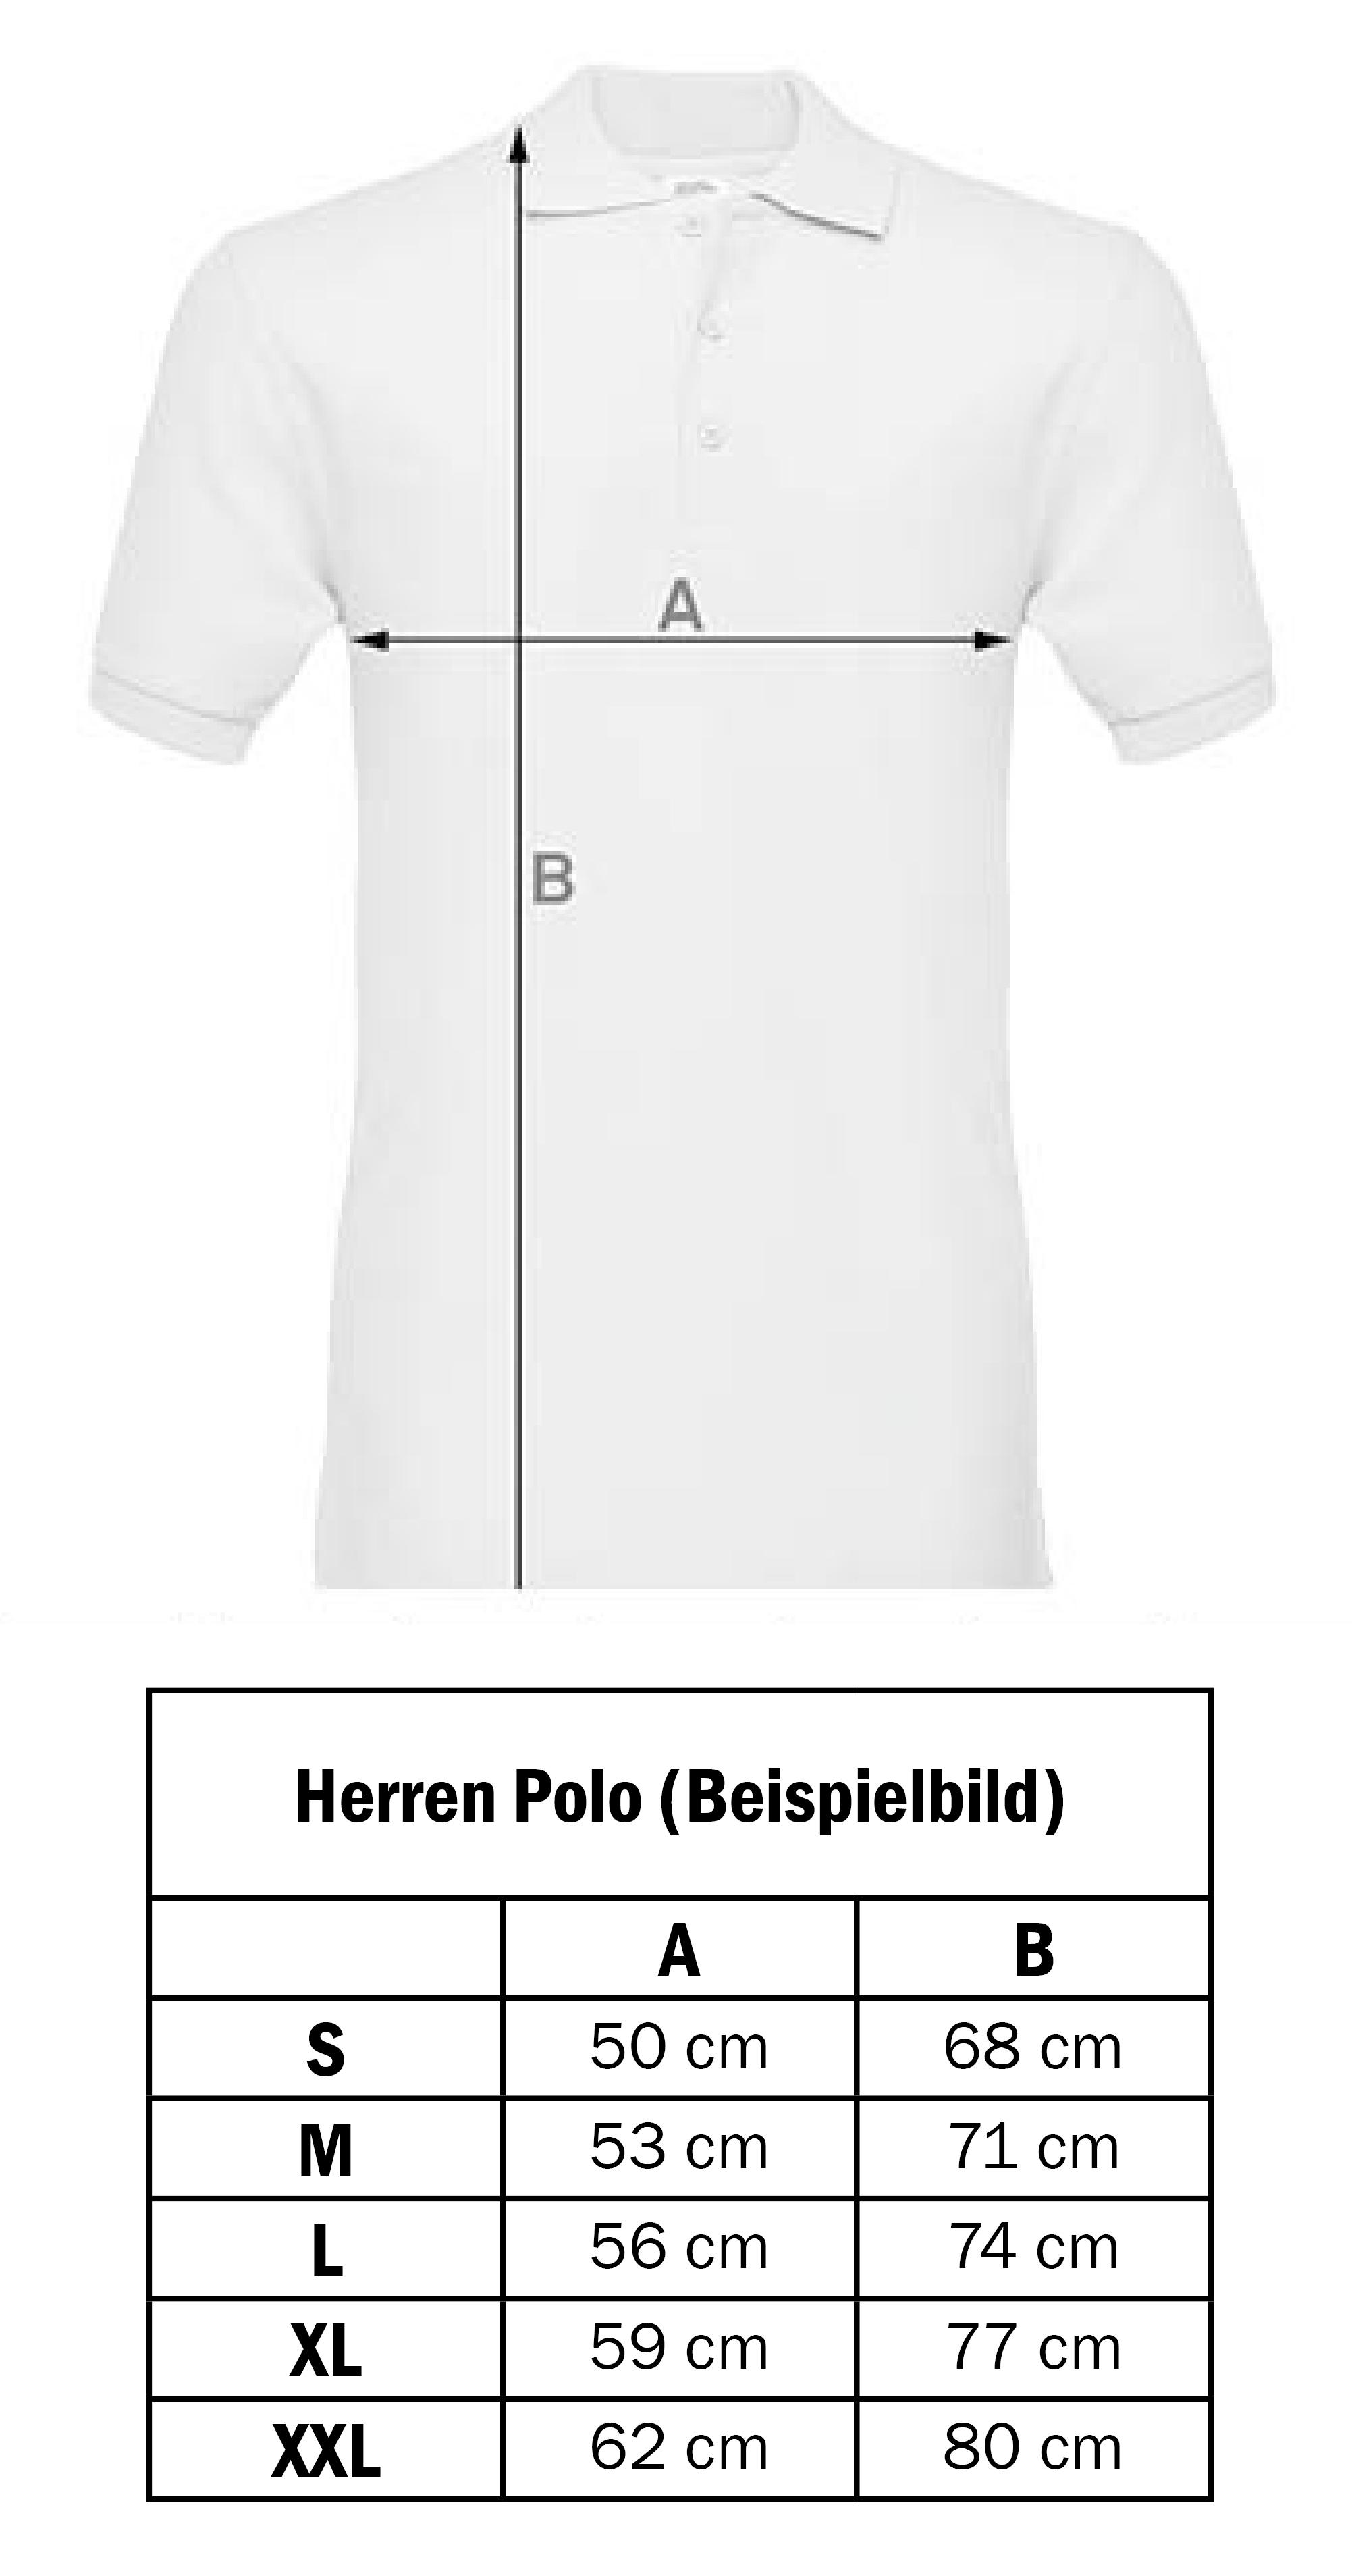 Gr-ssentabelle_Herren_Polo